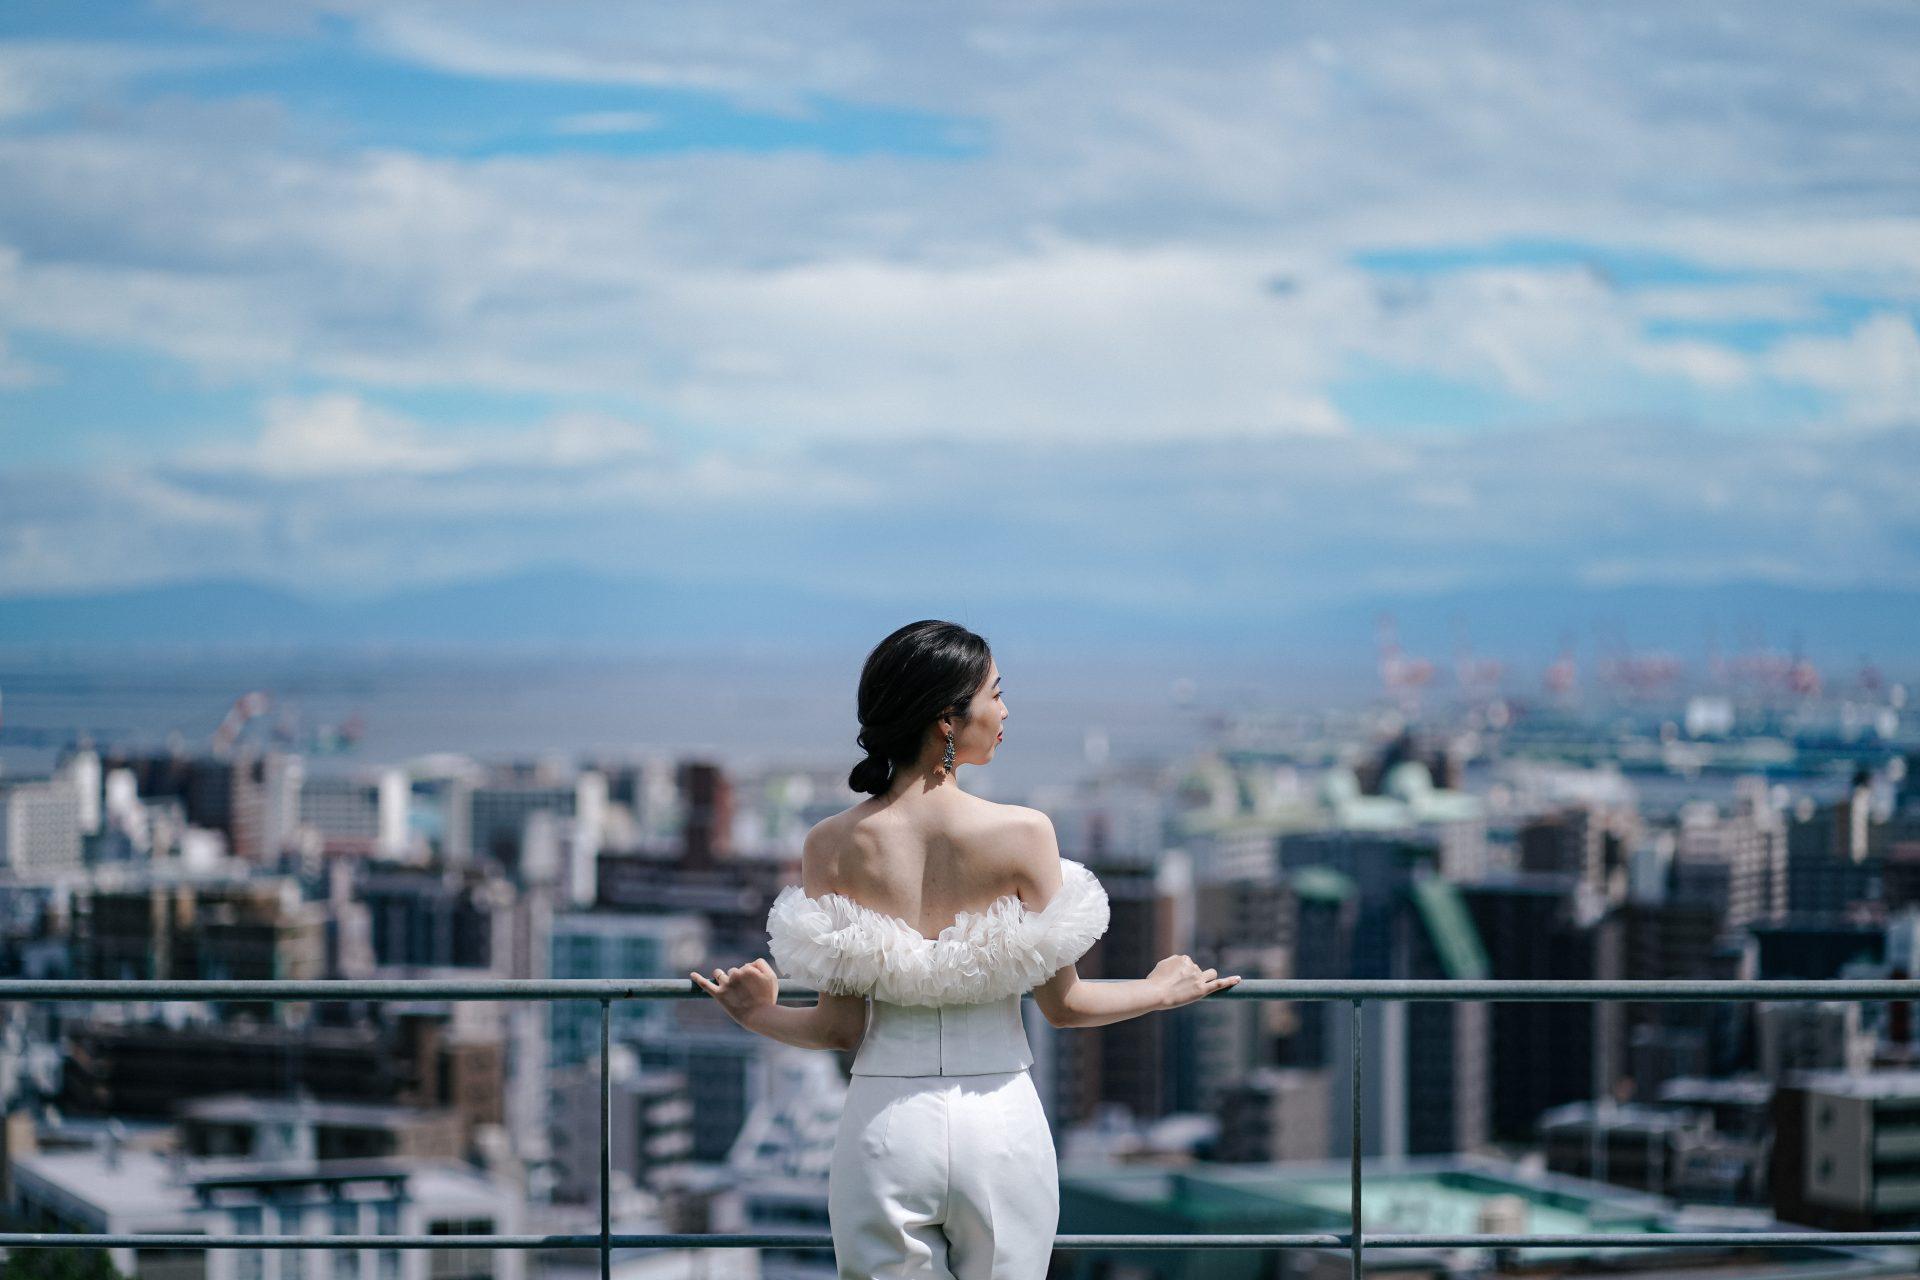 ザトリートドレッシング神戸店がおすすめするシルエットが美しいトモコイズミフォートリートメゾンのパンツスタイルのウェディングドレスのご紹介